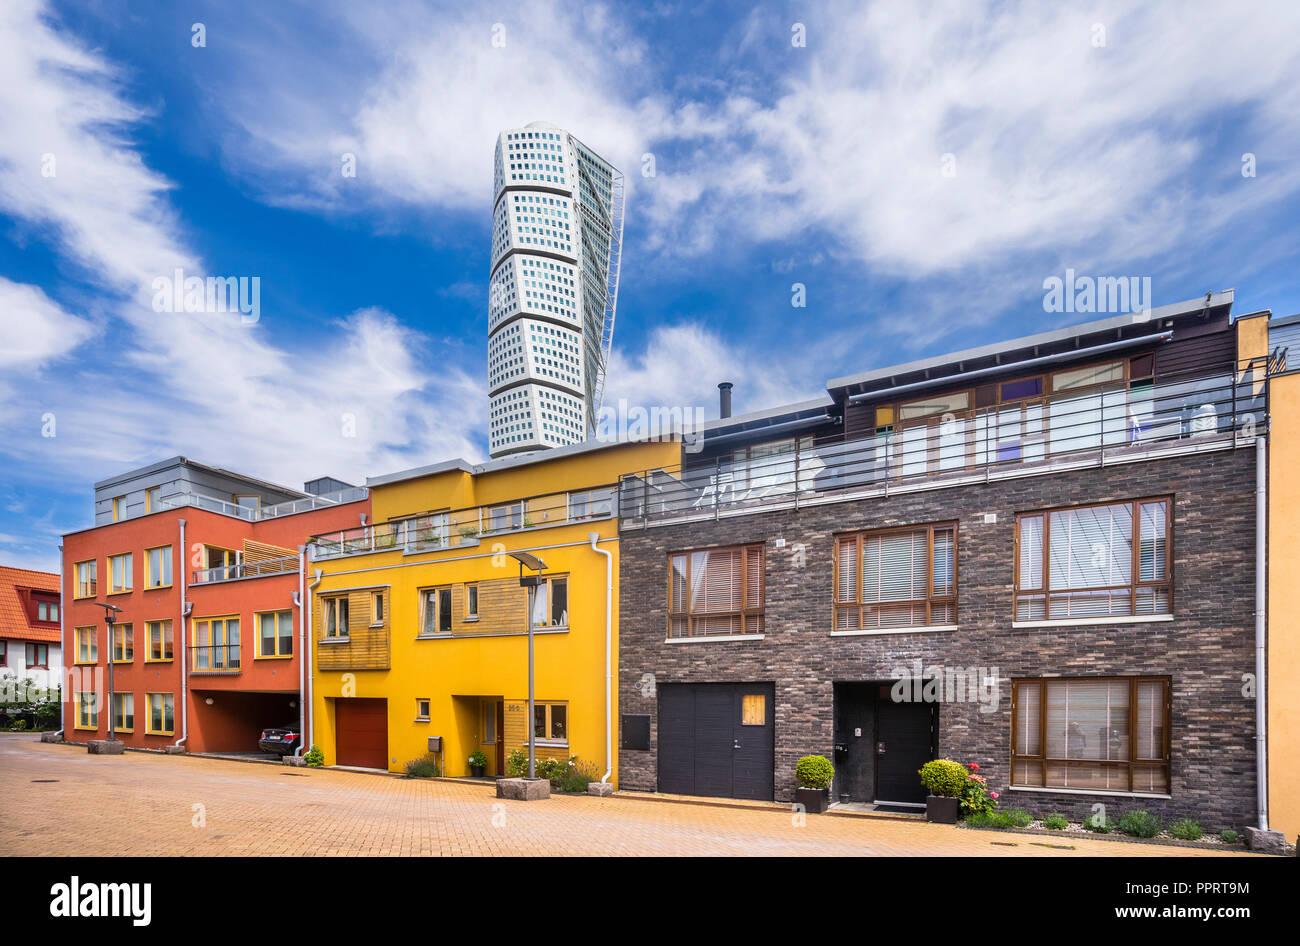 """La innovadora arquitectura en el barrio de Västra Hamnen (Western Harbour) contra el telón de fondo de la neo-futurista rascacielos residencial """"El Turni Imagen De Stock"""